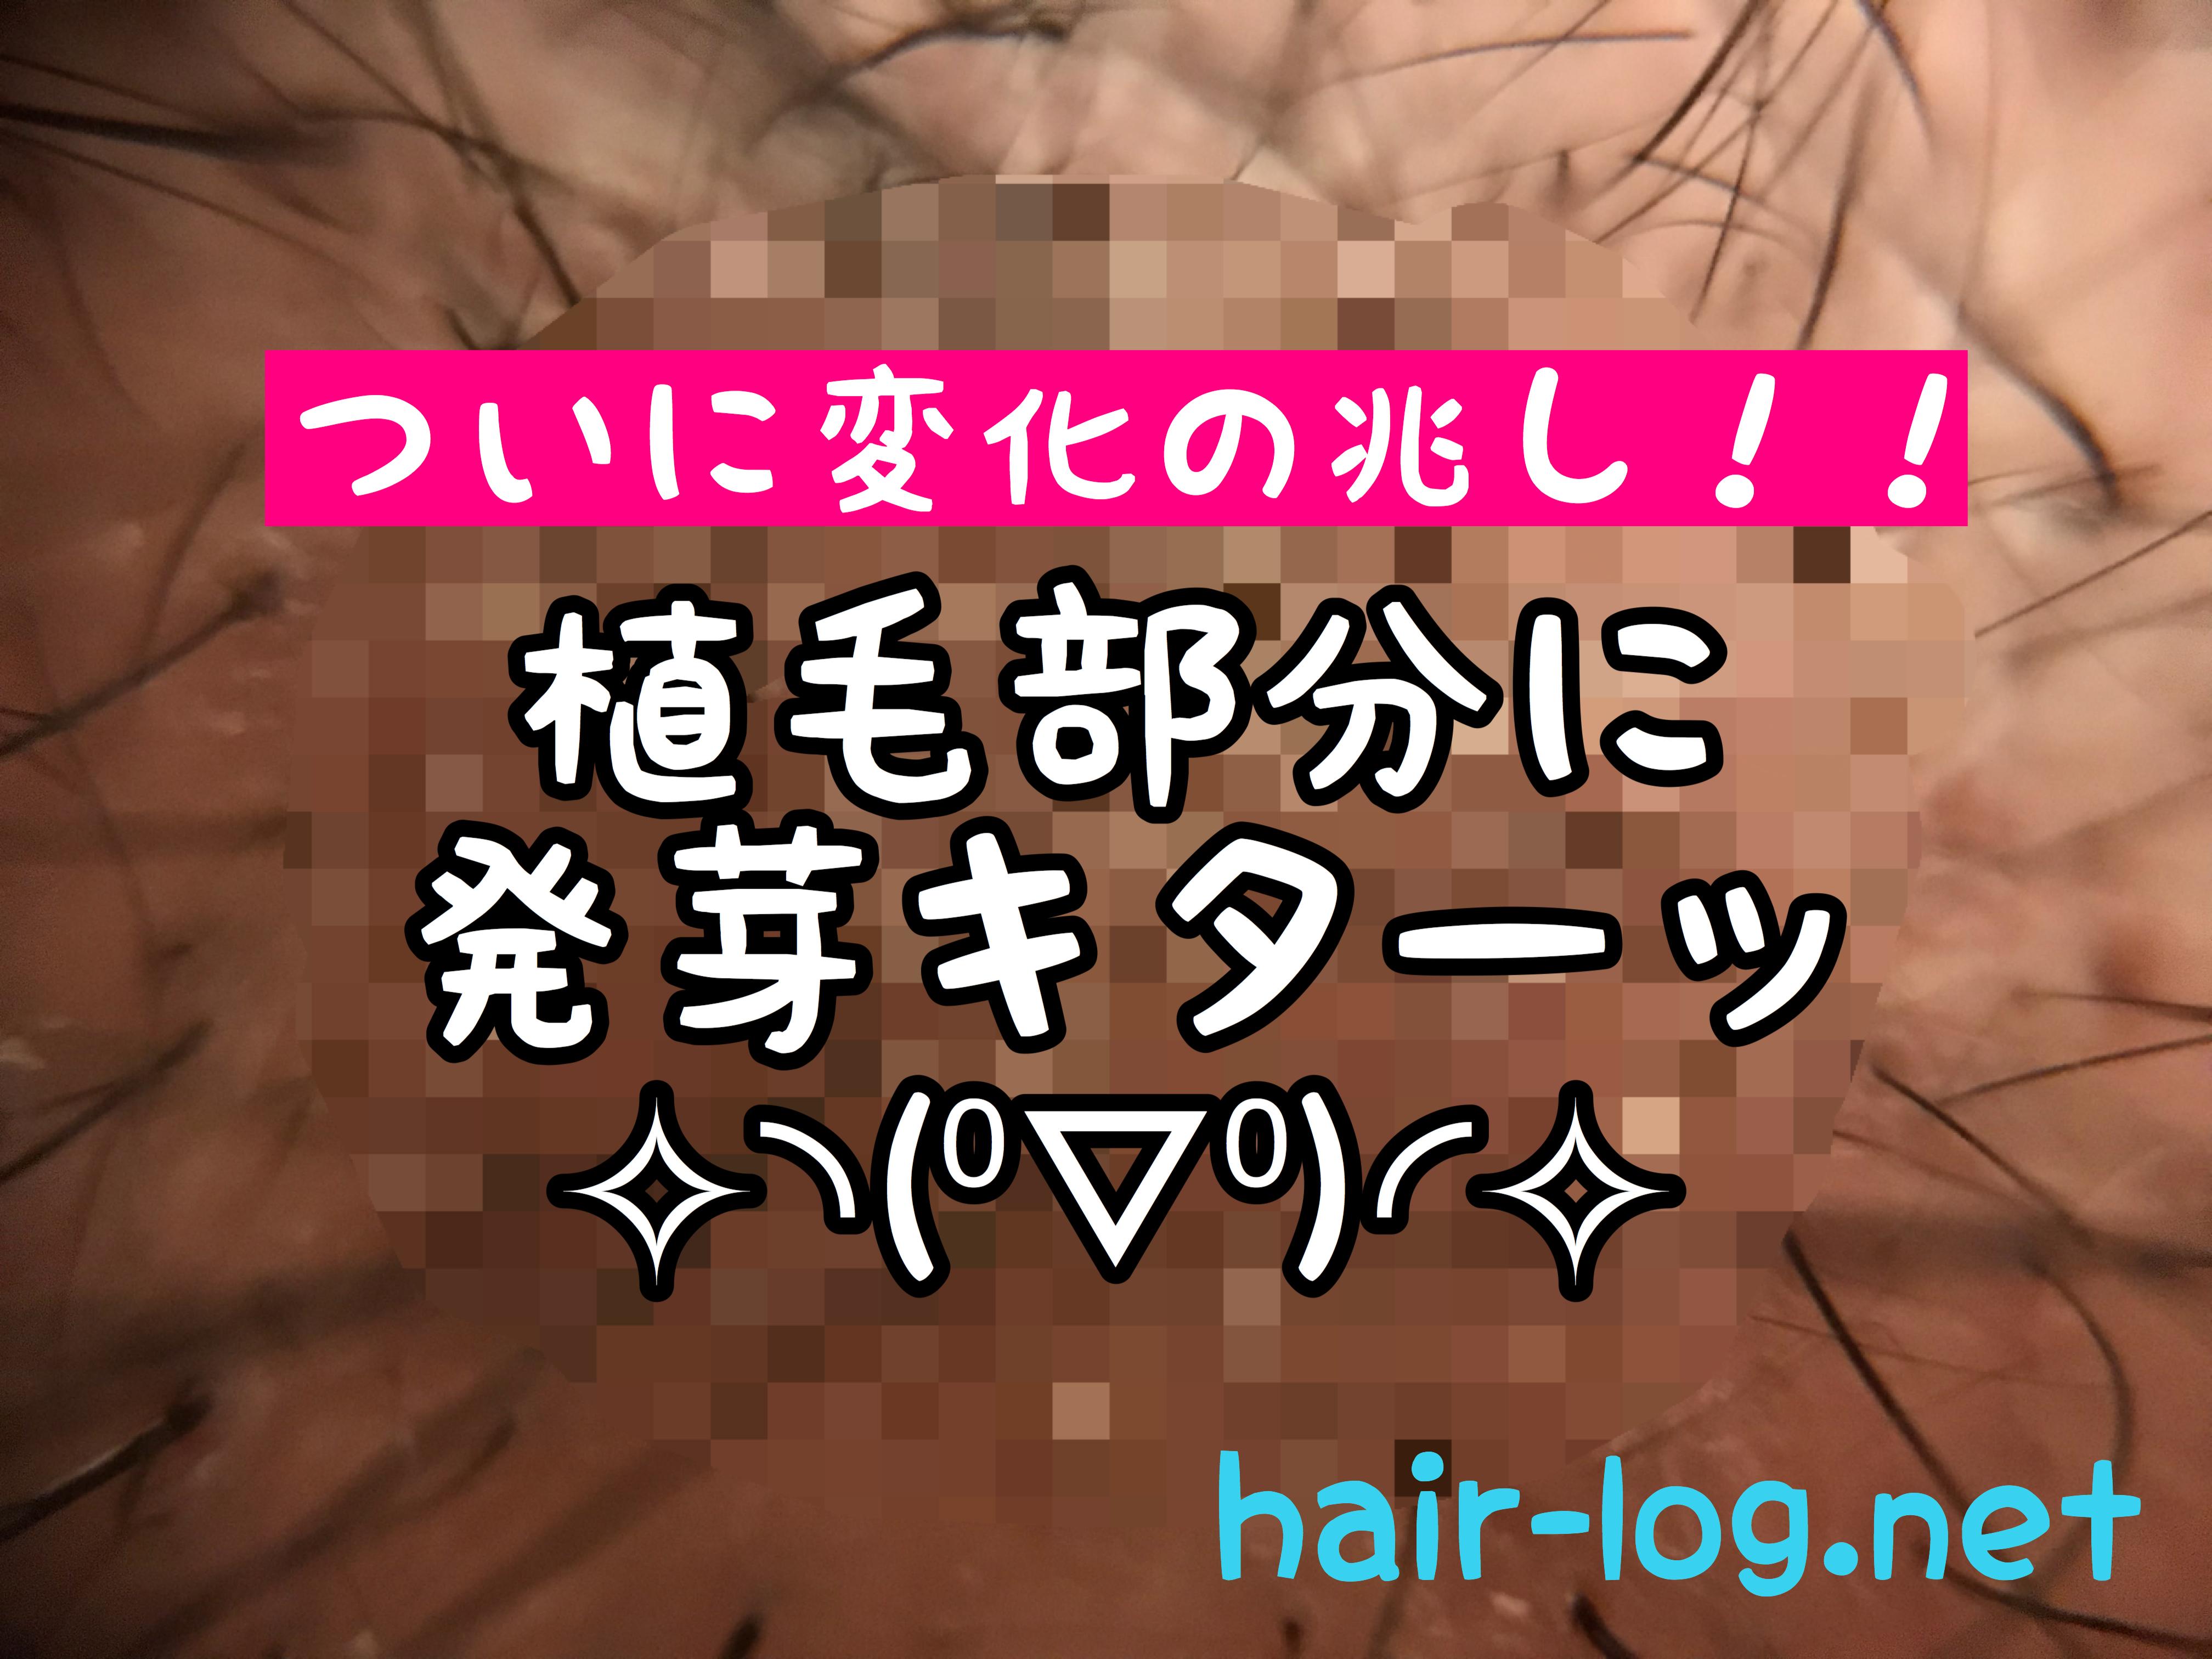 【術後69日目】ついに変化の兆し!!植毛部分に発芽キターッ!!